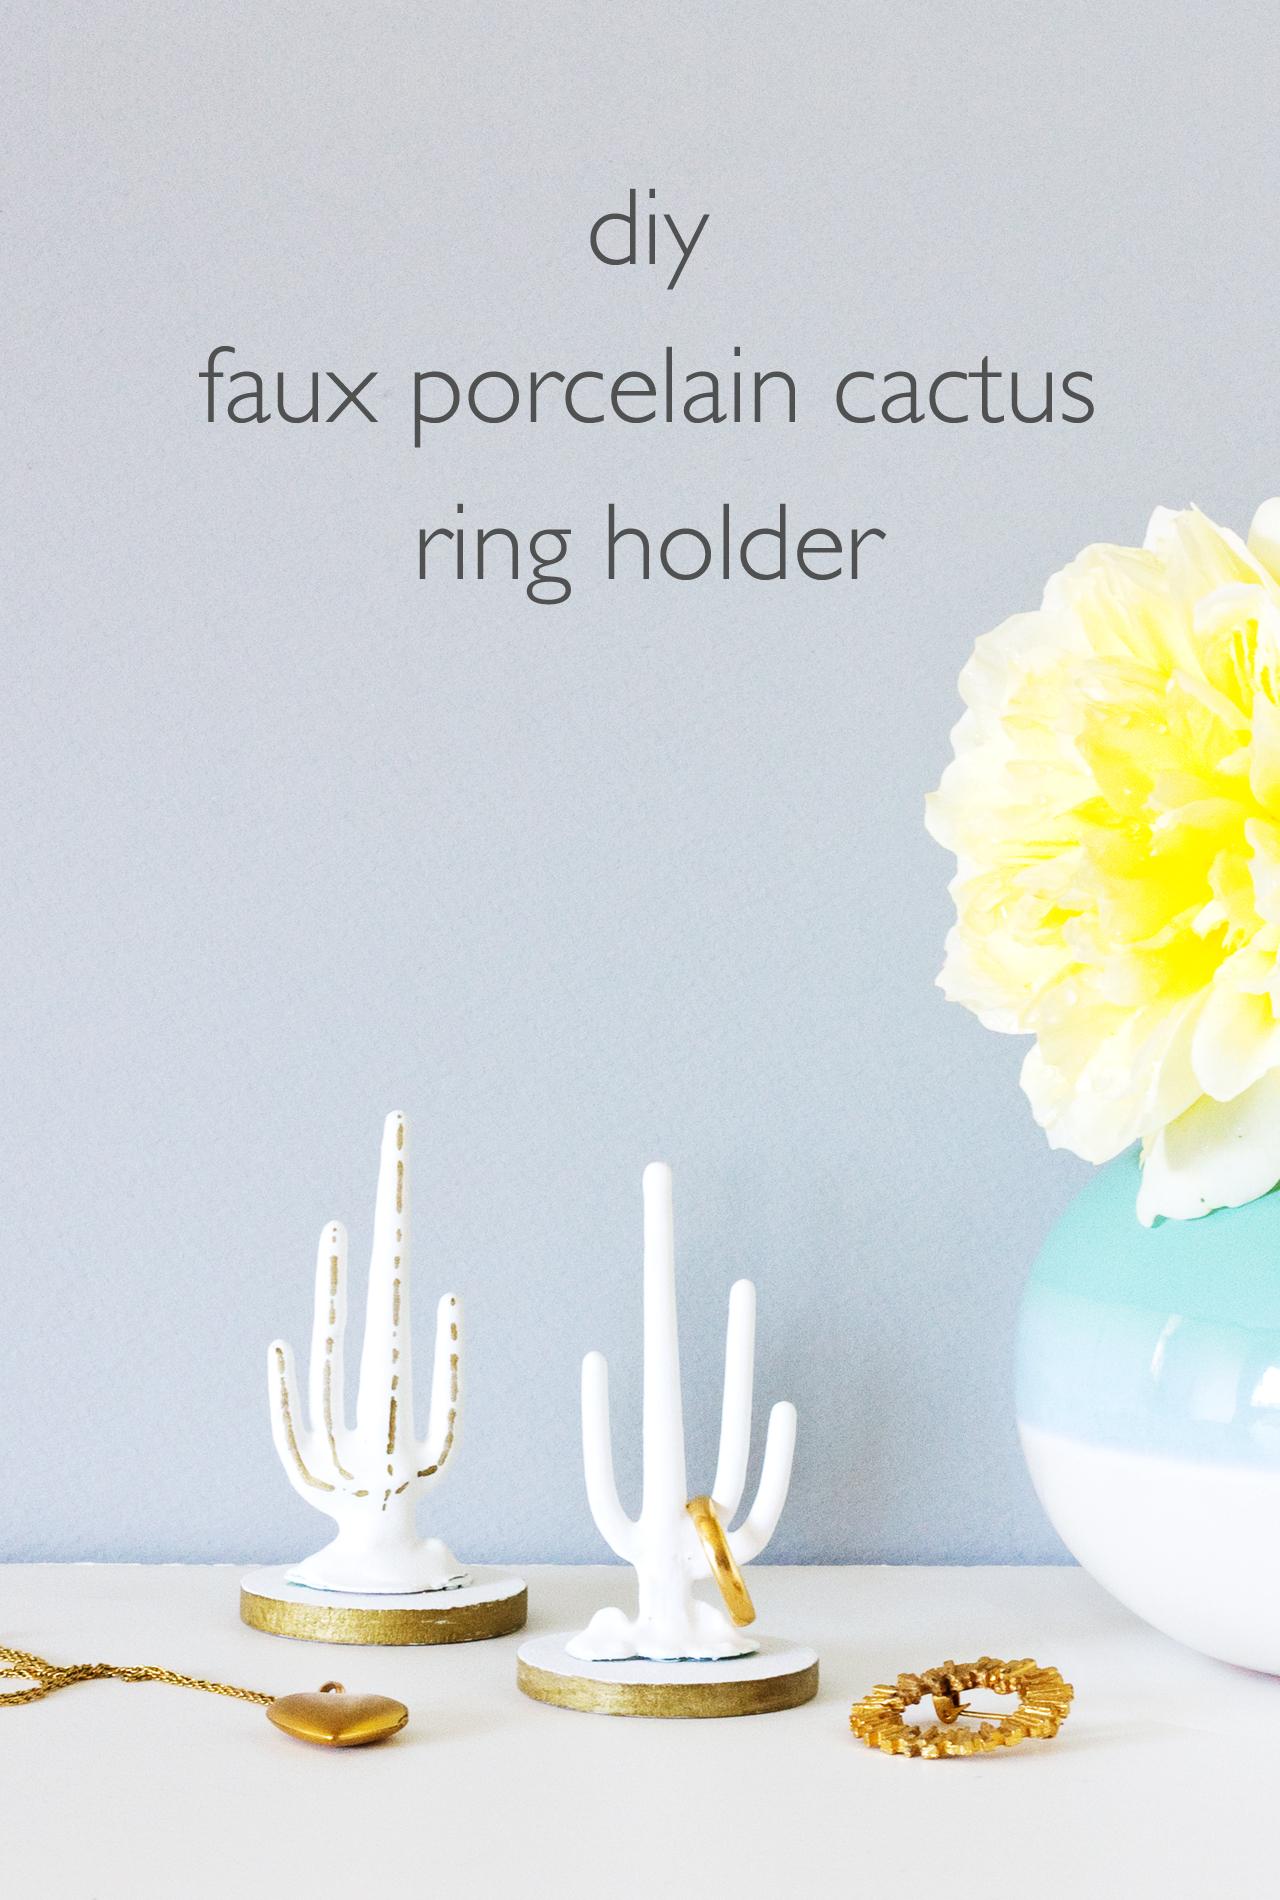 DIY Faux Porcelain Cactus Ring Holder